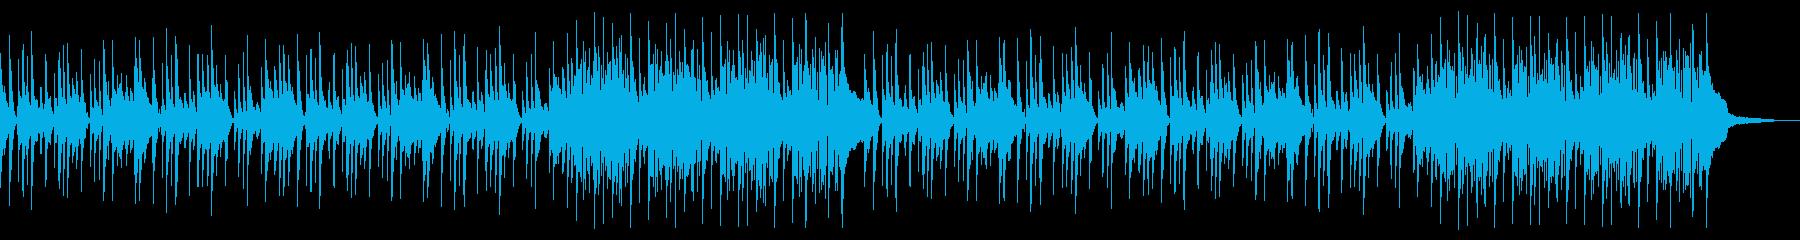 ほのぼのとした日常を感じるポップBGMの再生済みの波形